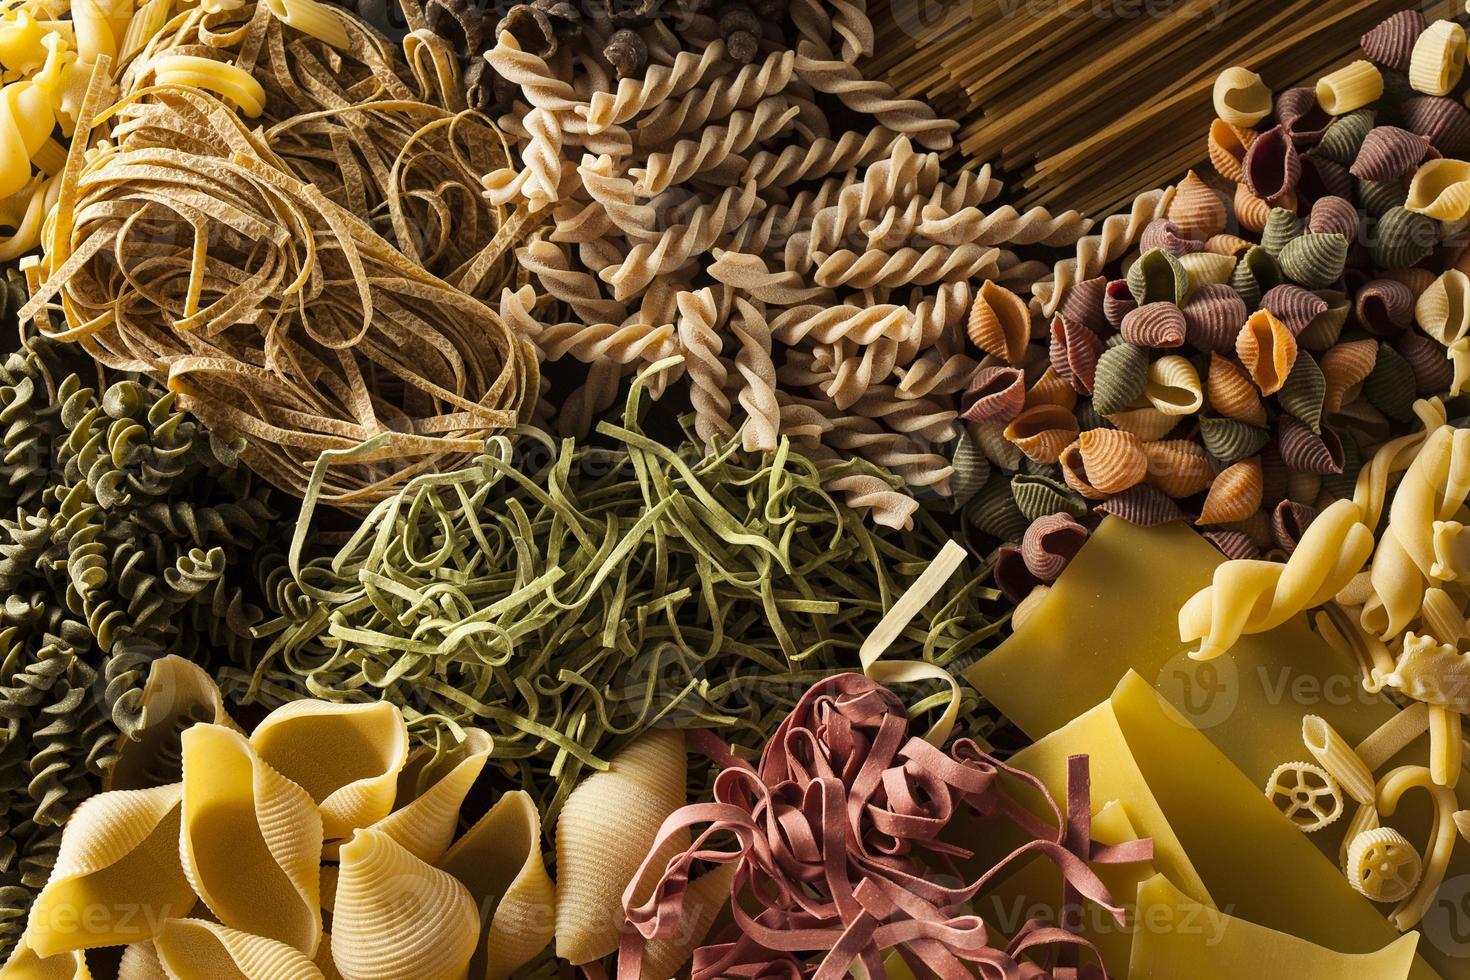 Assorted Homemade Dry Italian Pasta photo